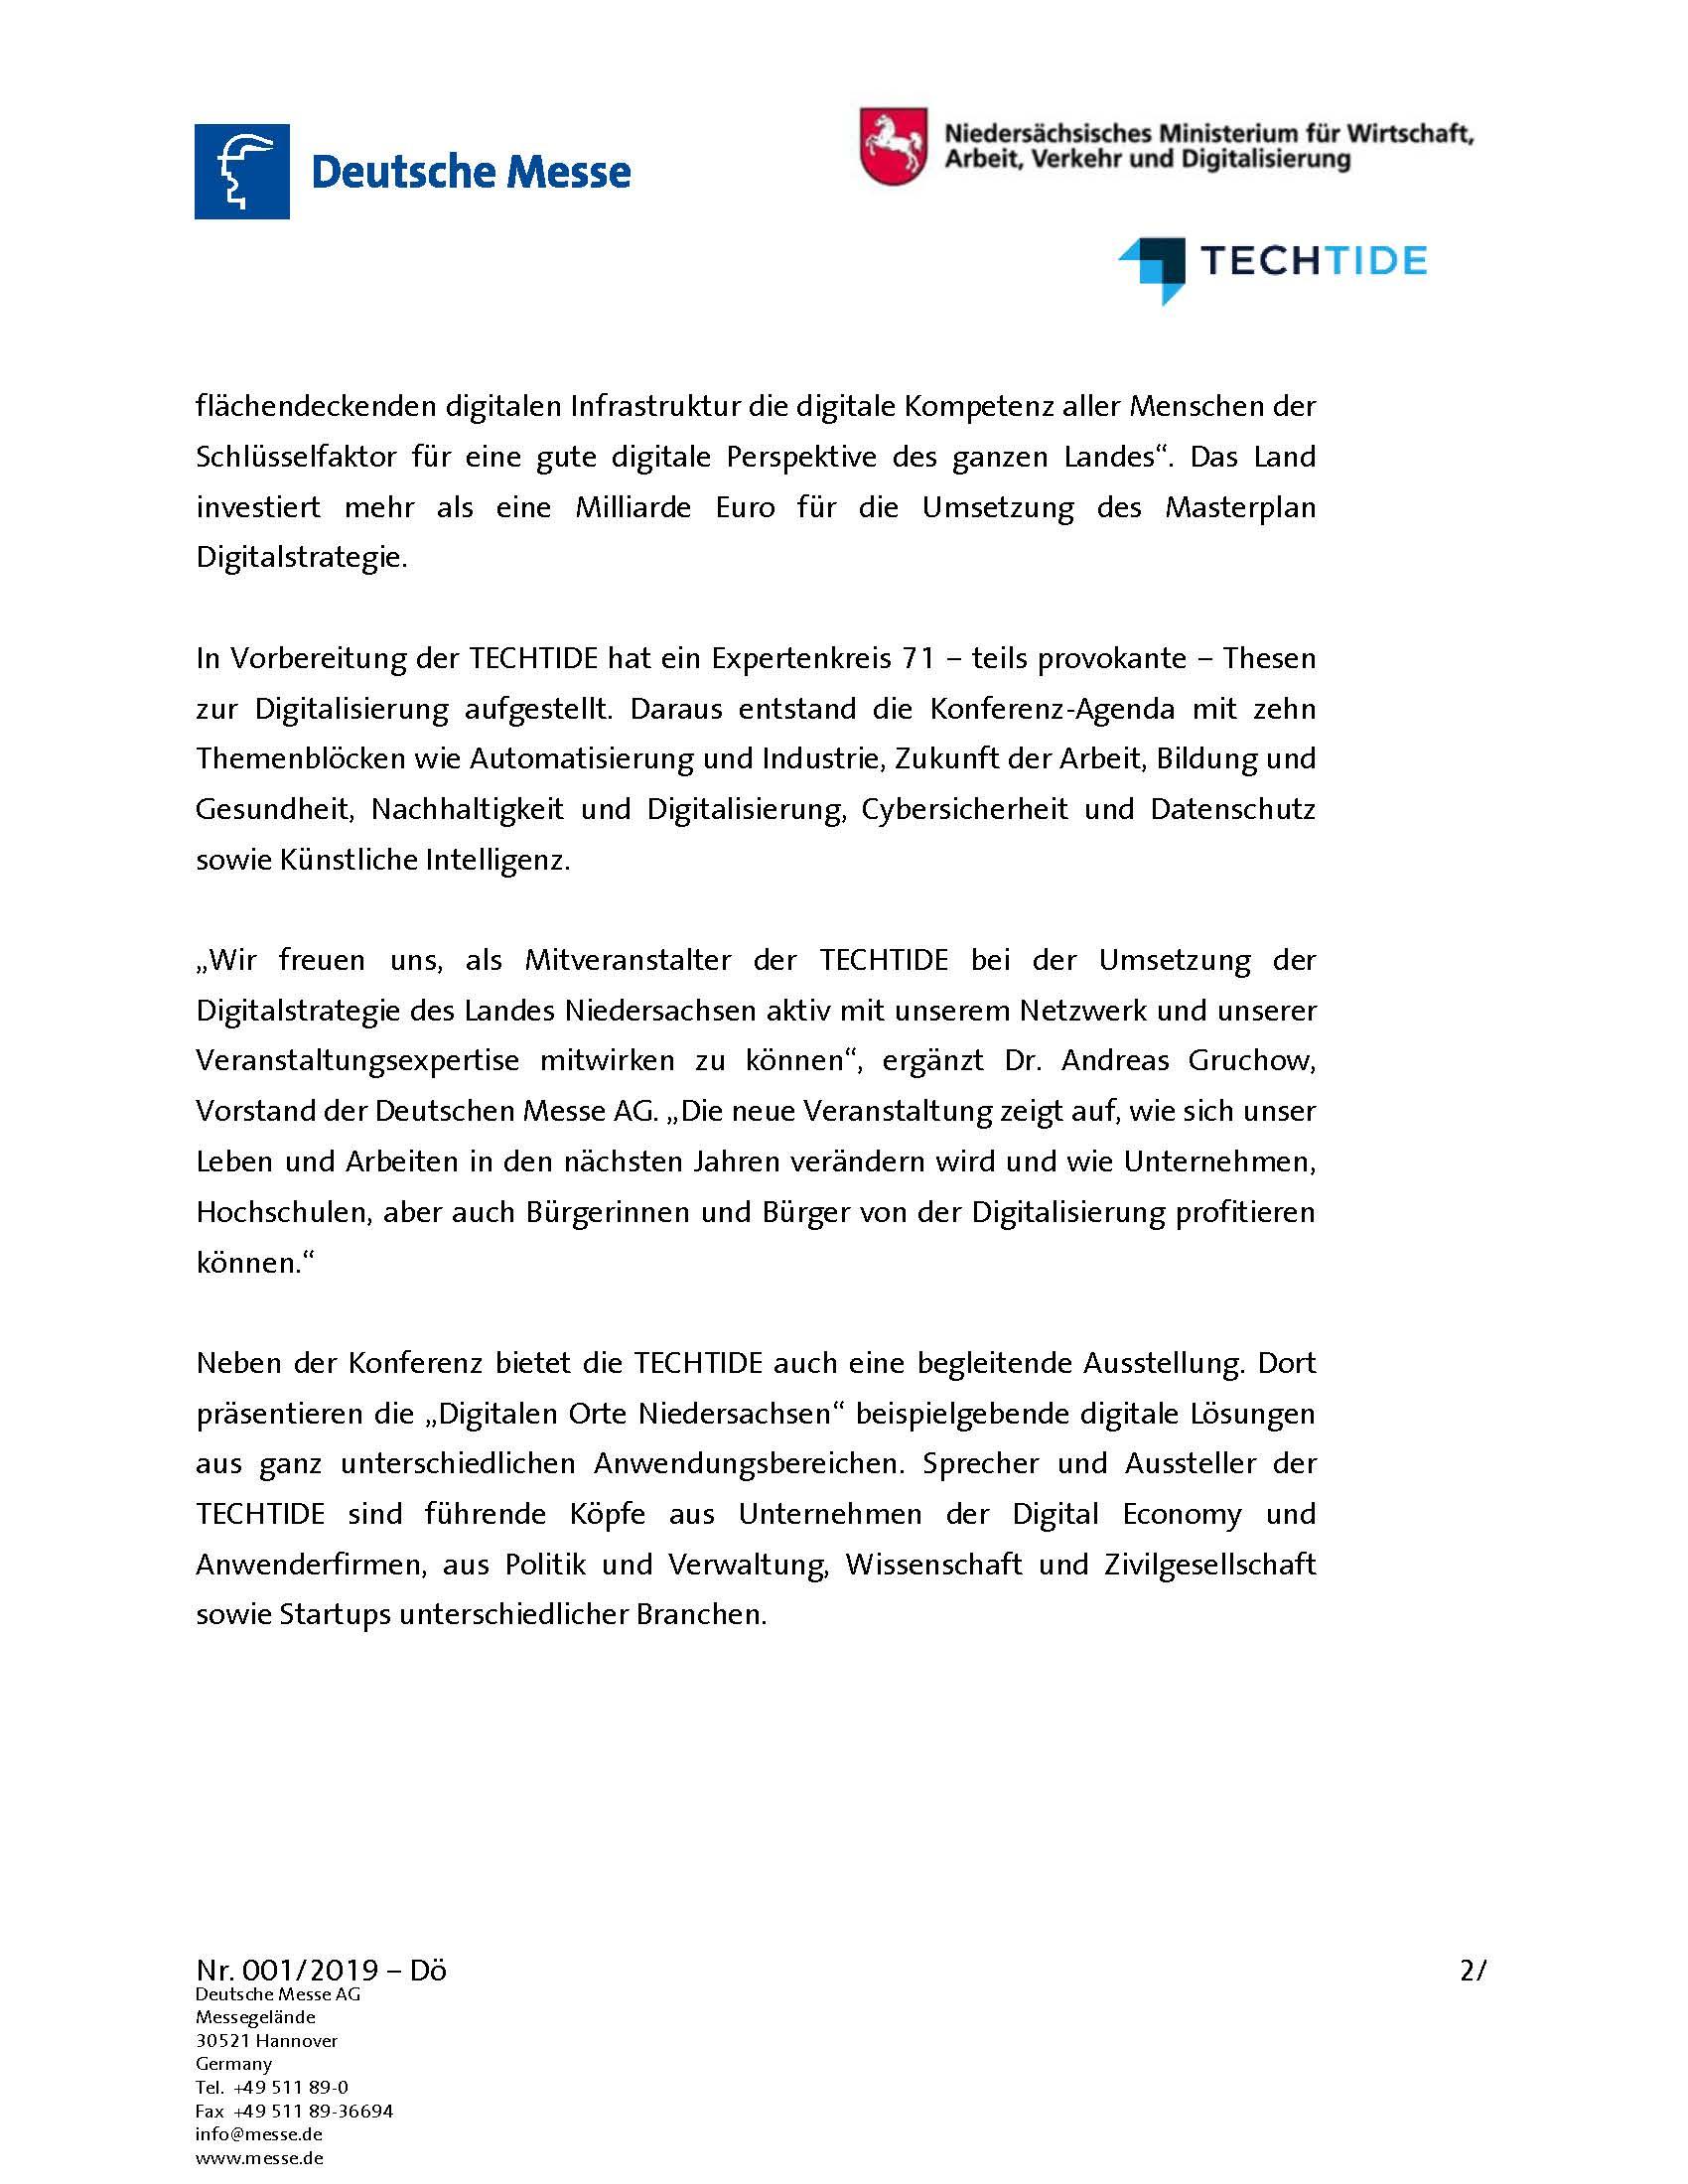 Einladung zur TECHTIDE 2019 - Pressemitteilung